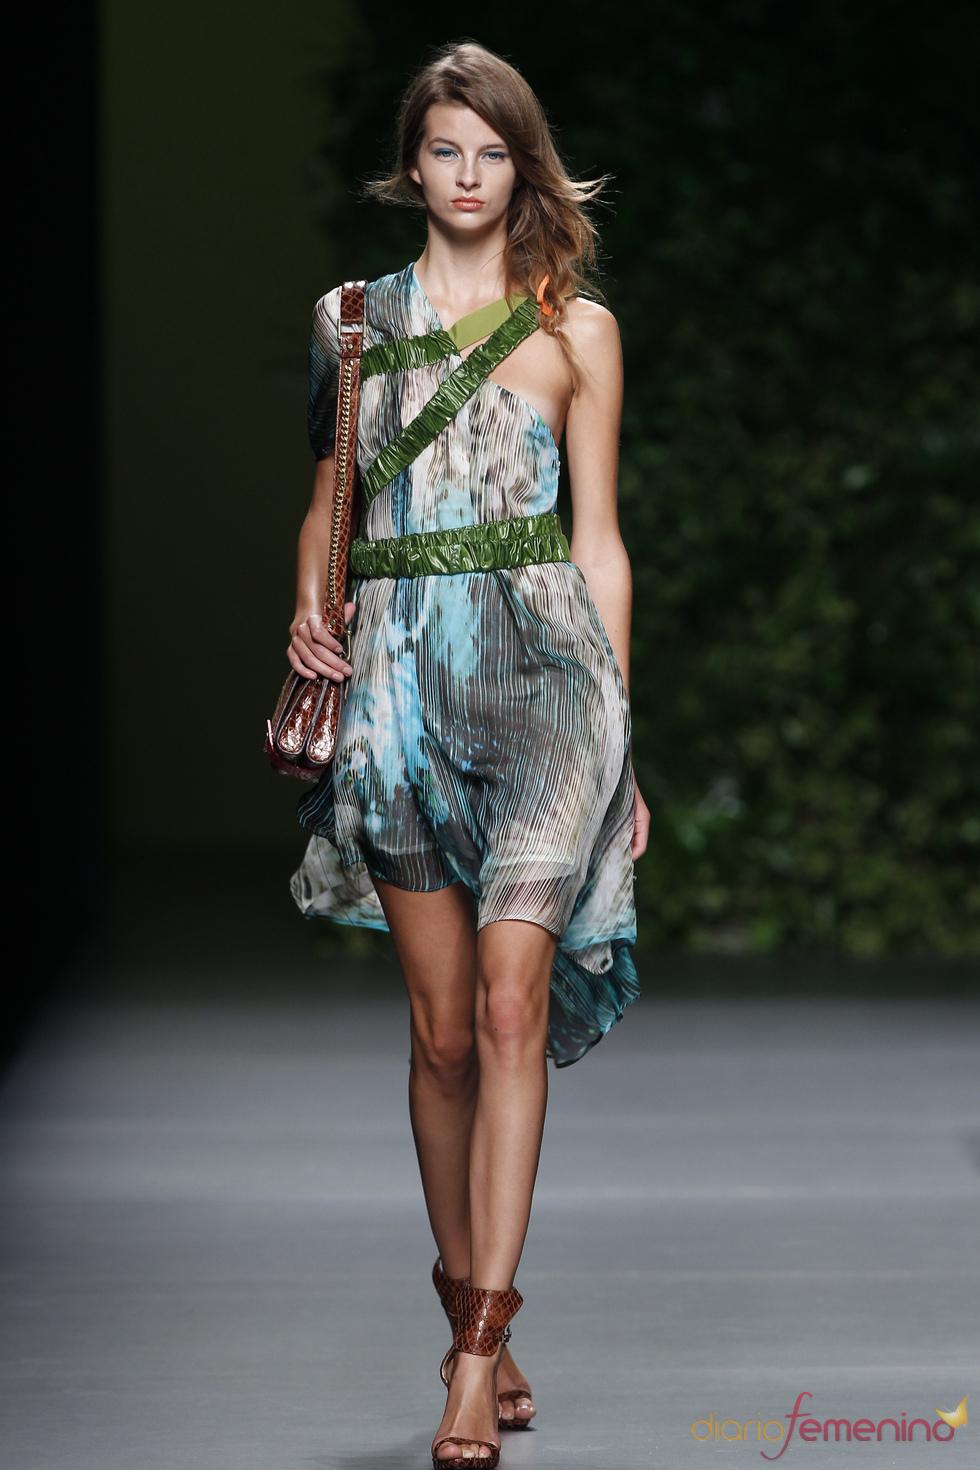 Vestidos asimétricos en la colección primavera-verano 2011 de Devota & Lomba